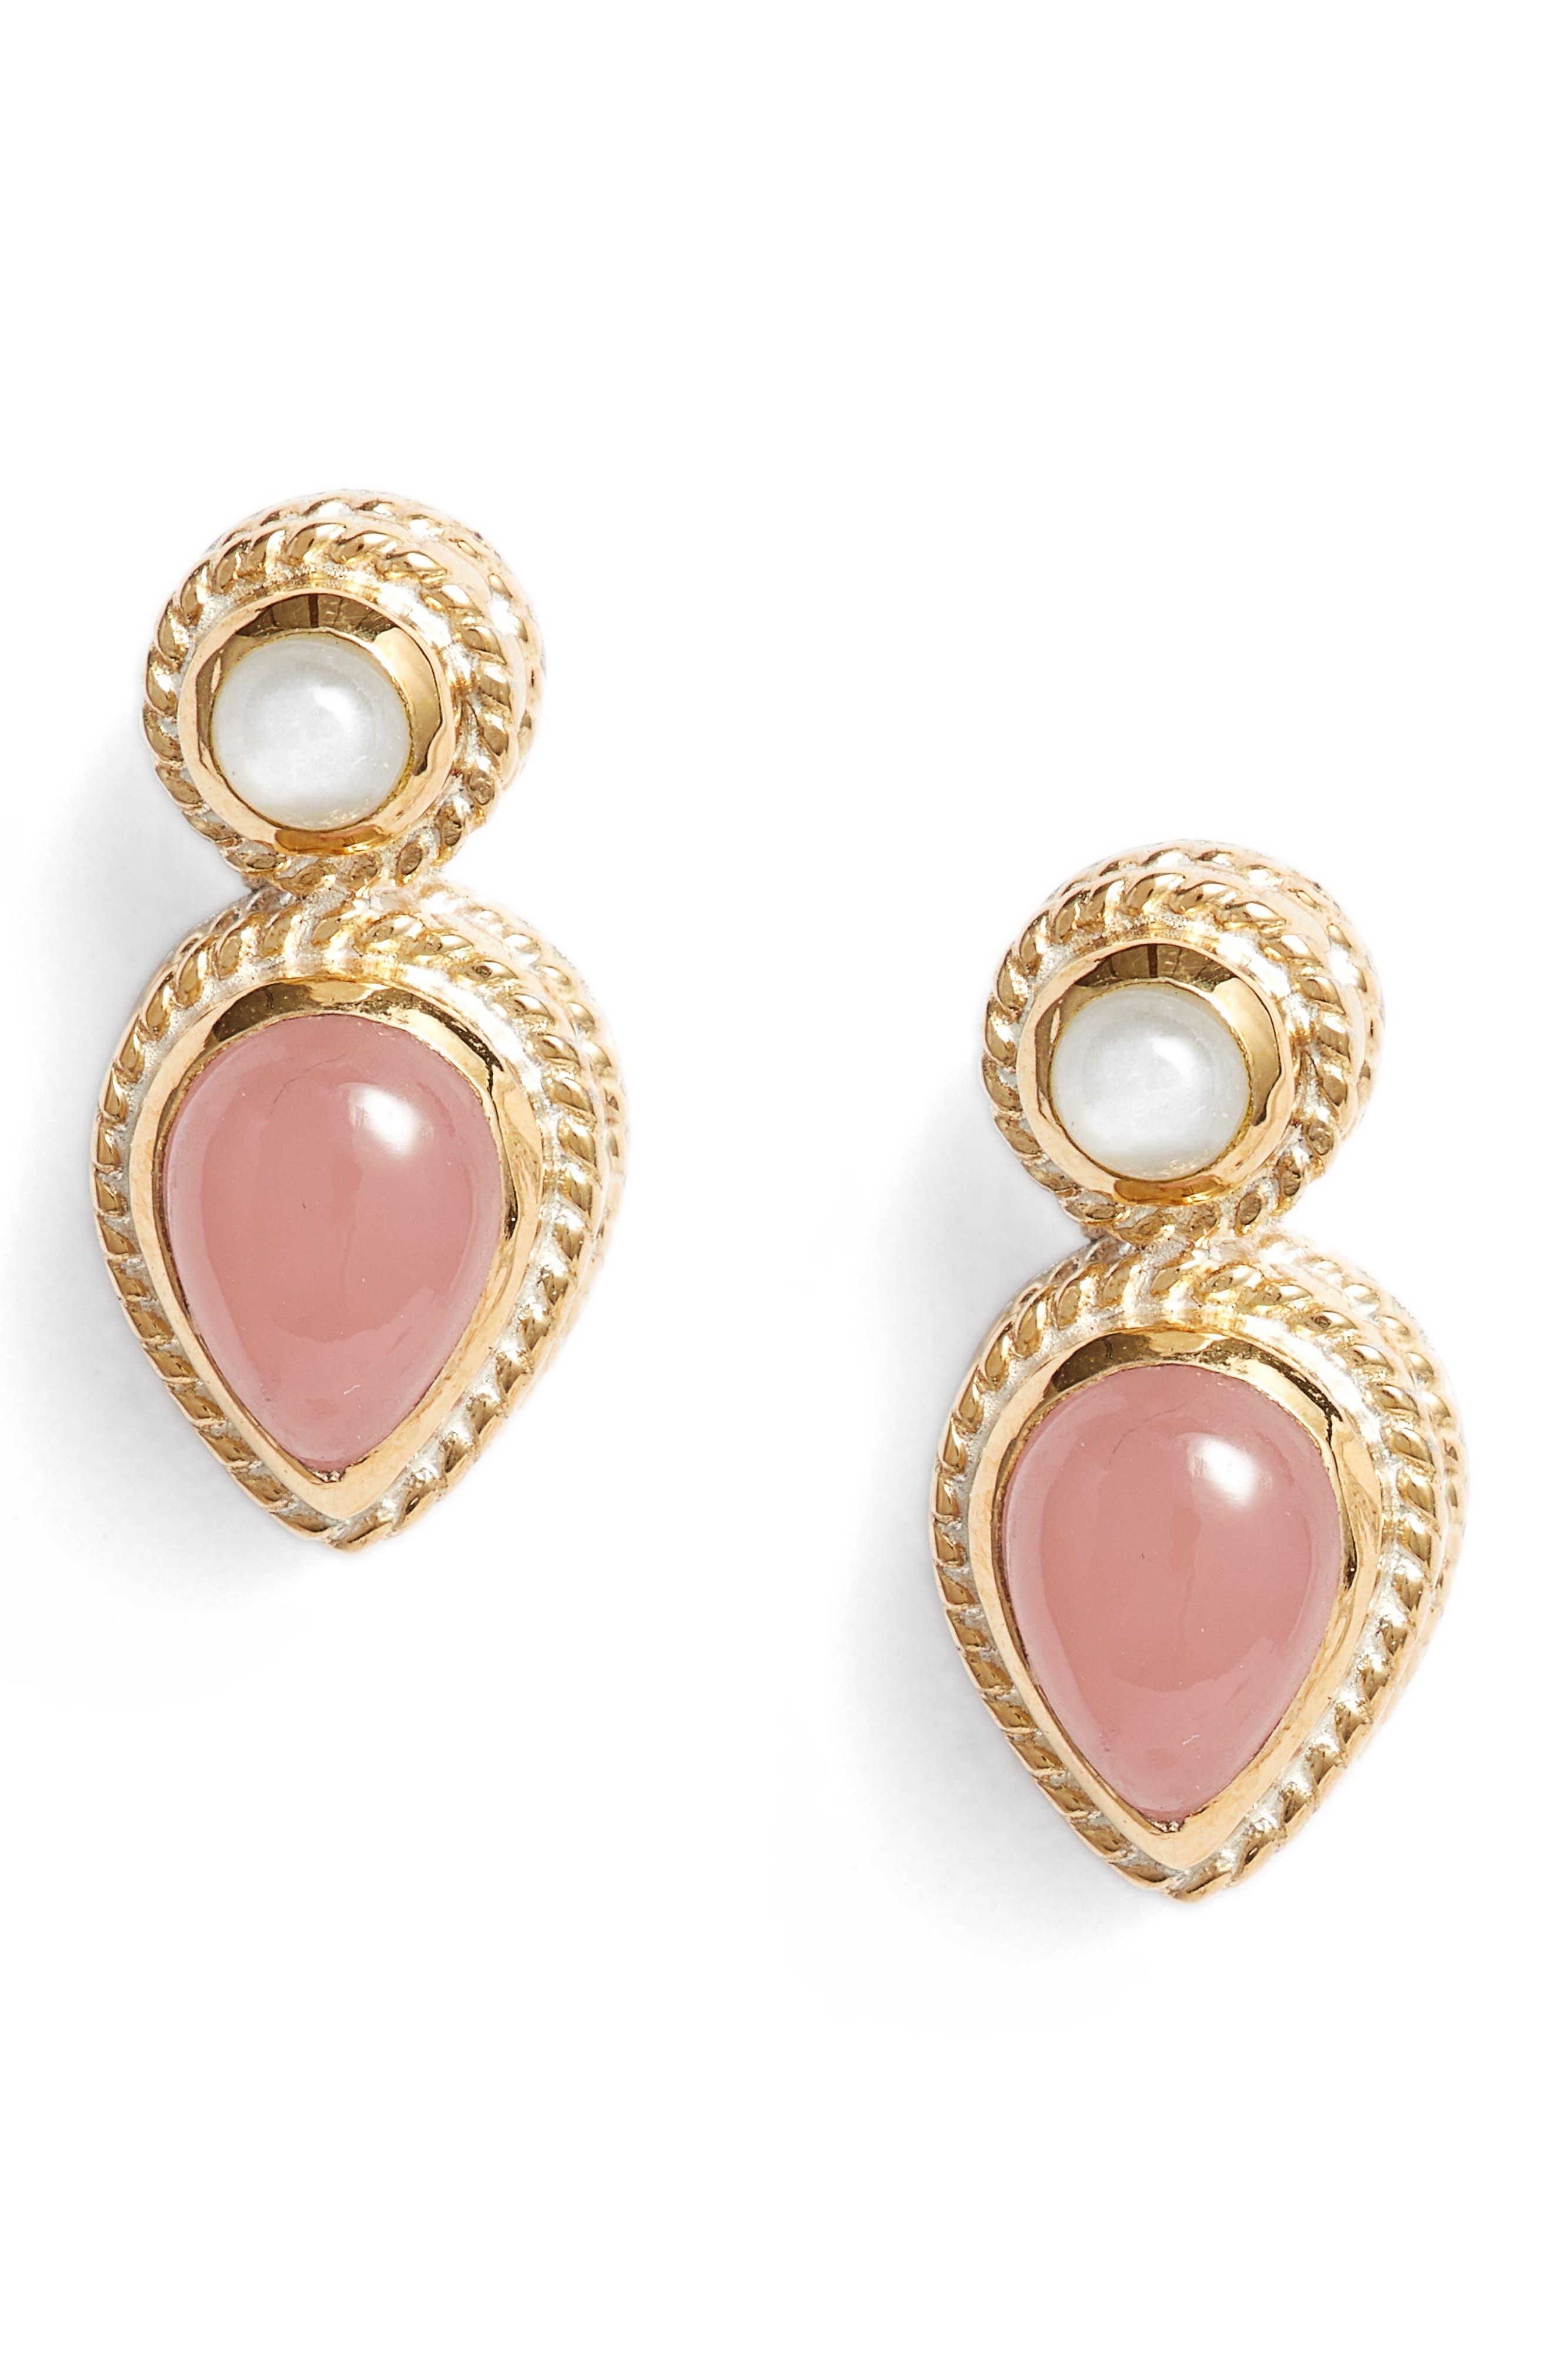 Guava Quartz & Moonstone Stud Earrings,                         Main,                         color, Gold/ Guava/ Moonstone